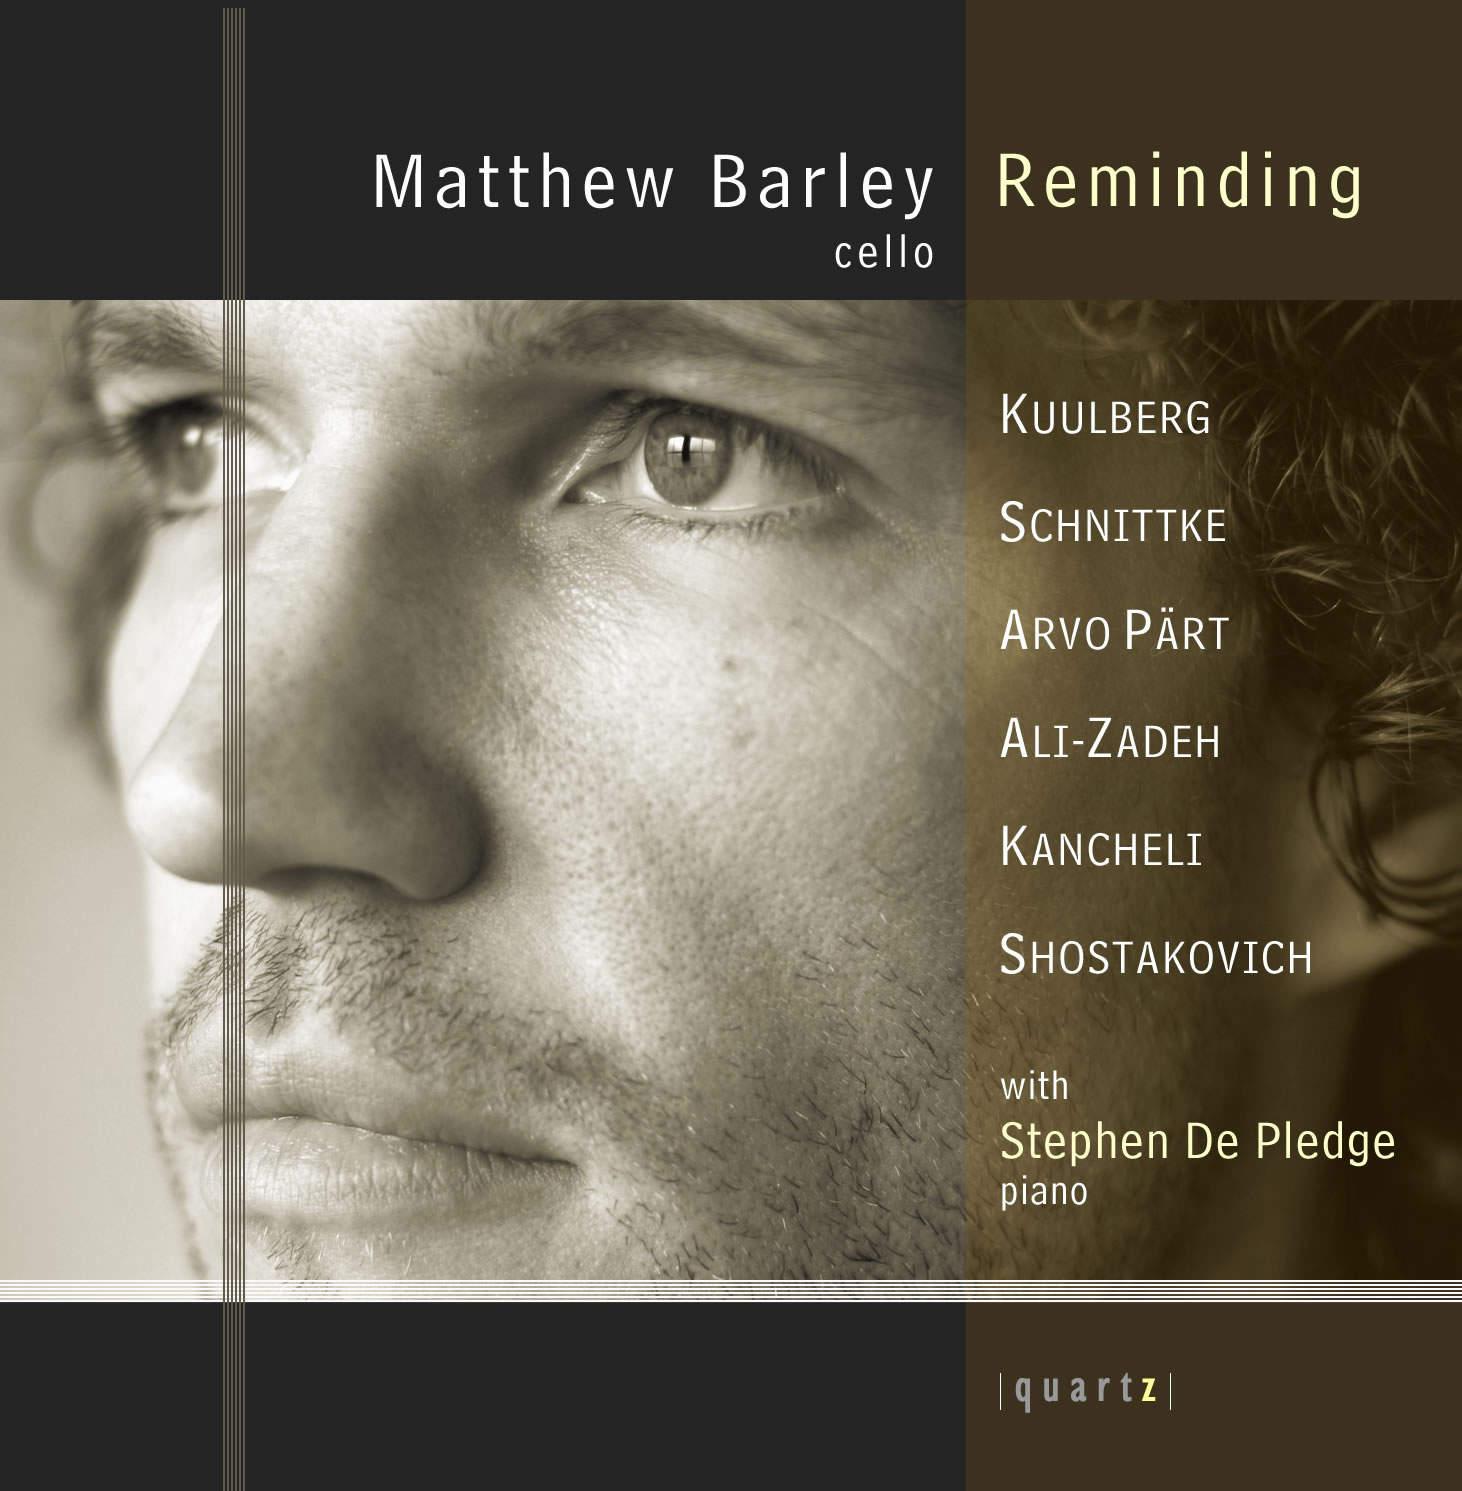 Matthew Barley (cello) and Stephen De Pledge (piano)